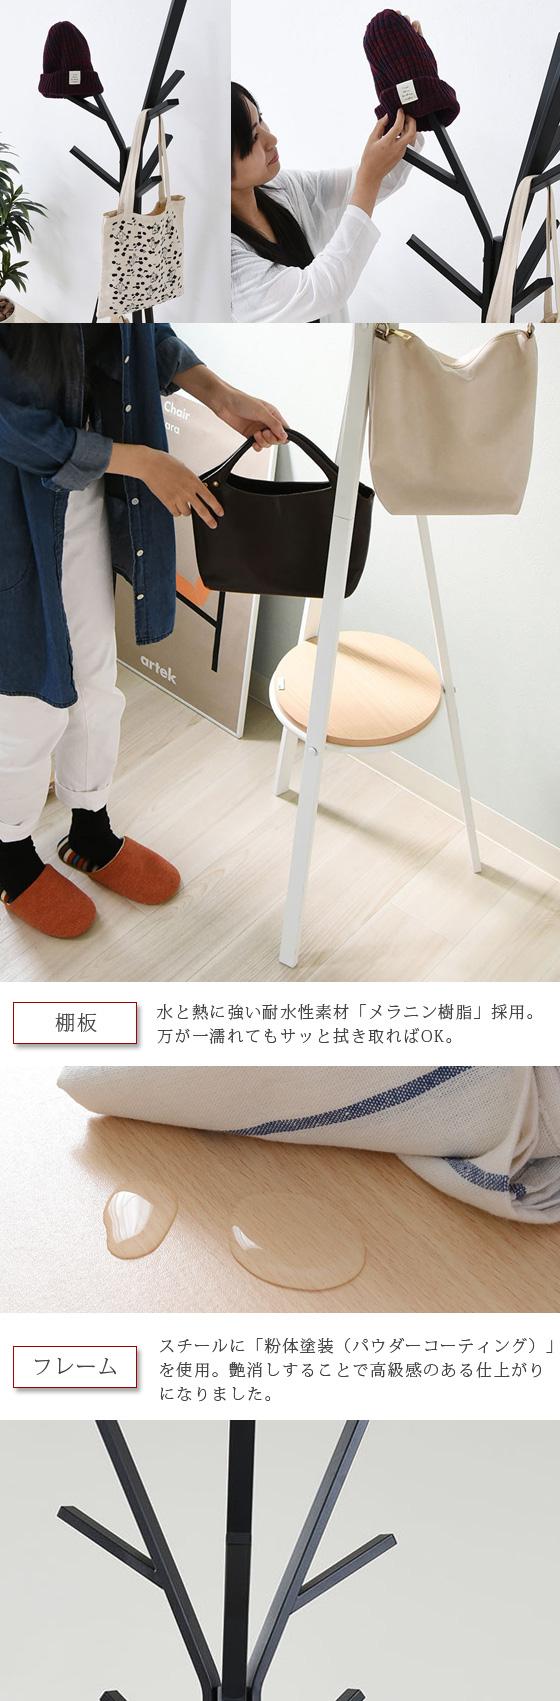 スタイリッシュデザイン・スチール&木目柄ポールハンガー